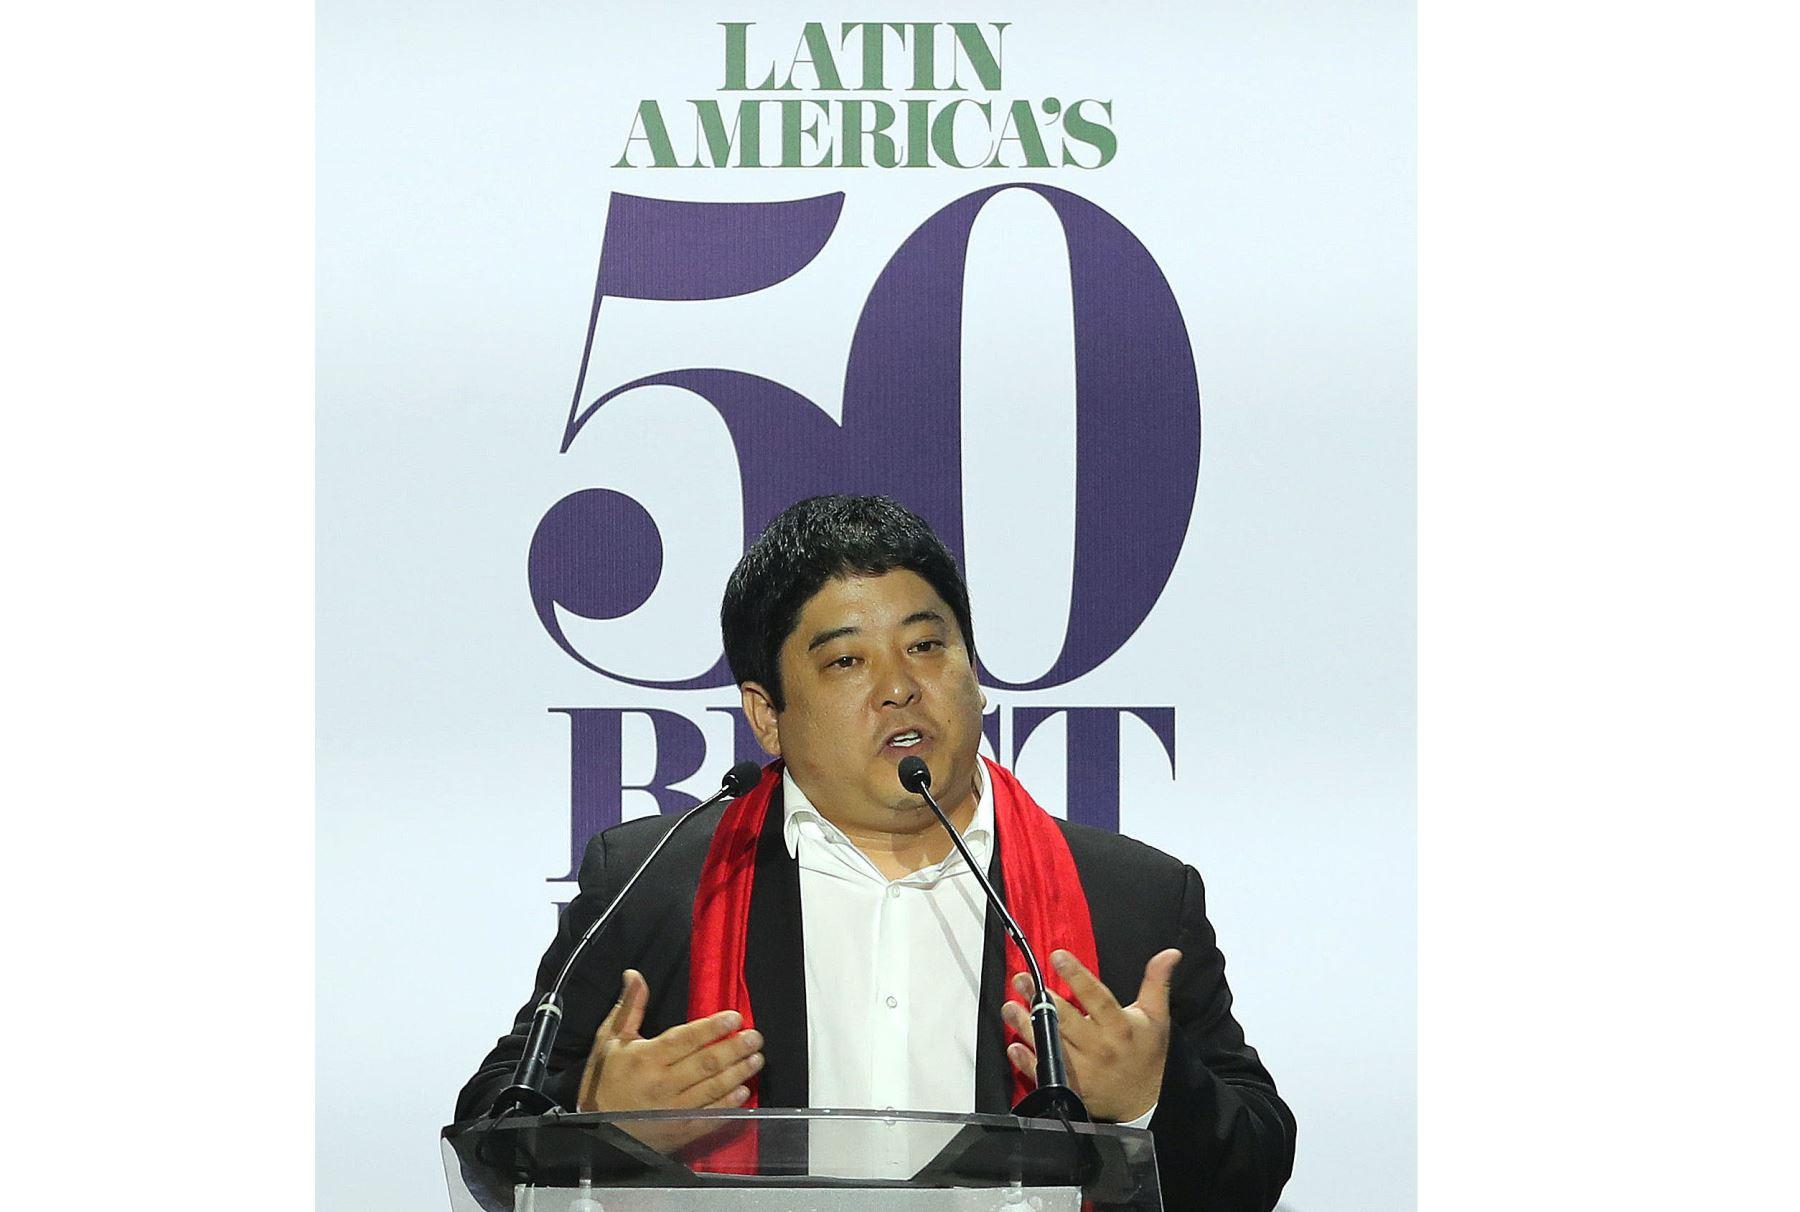 El chef Mitsuharu Tsumura, del restaurante peruano Maido, se convirtió en el mejor de Latinoamérica. Foto: Efe.